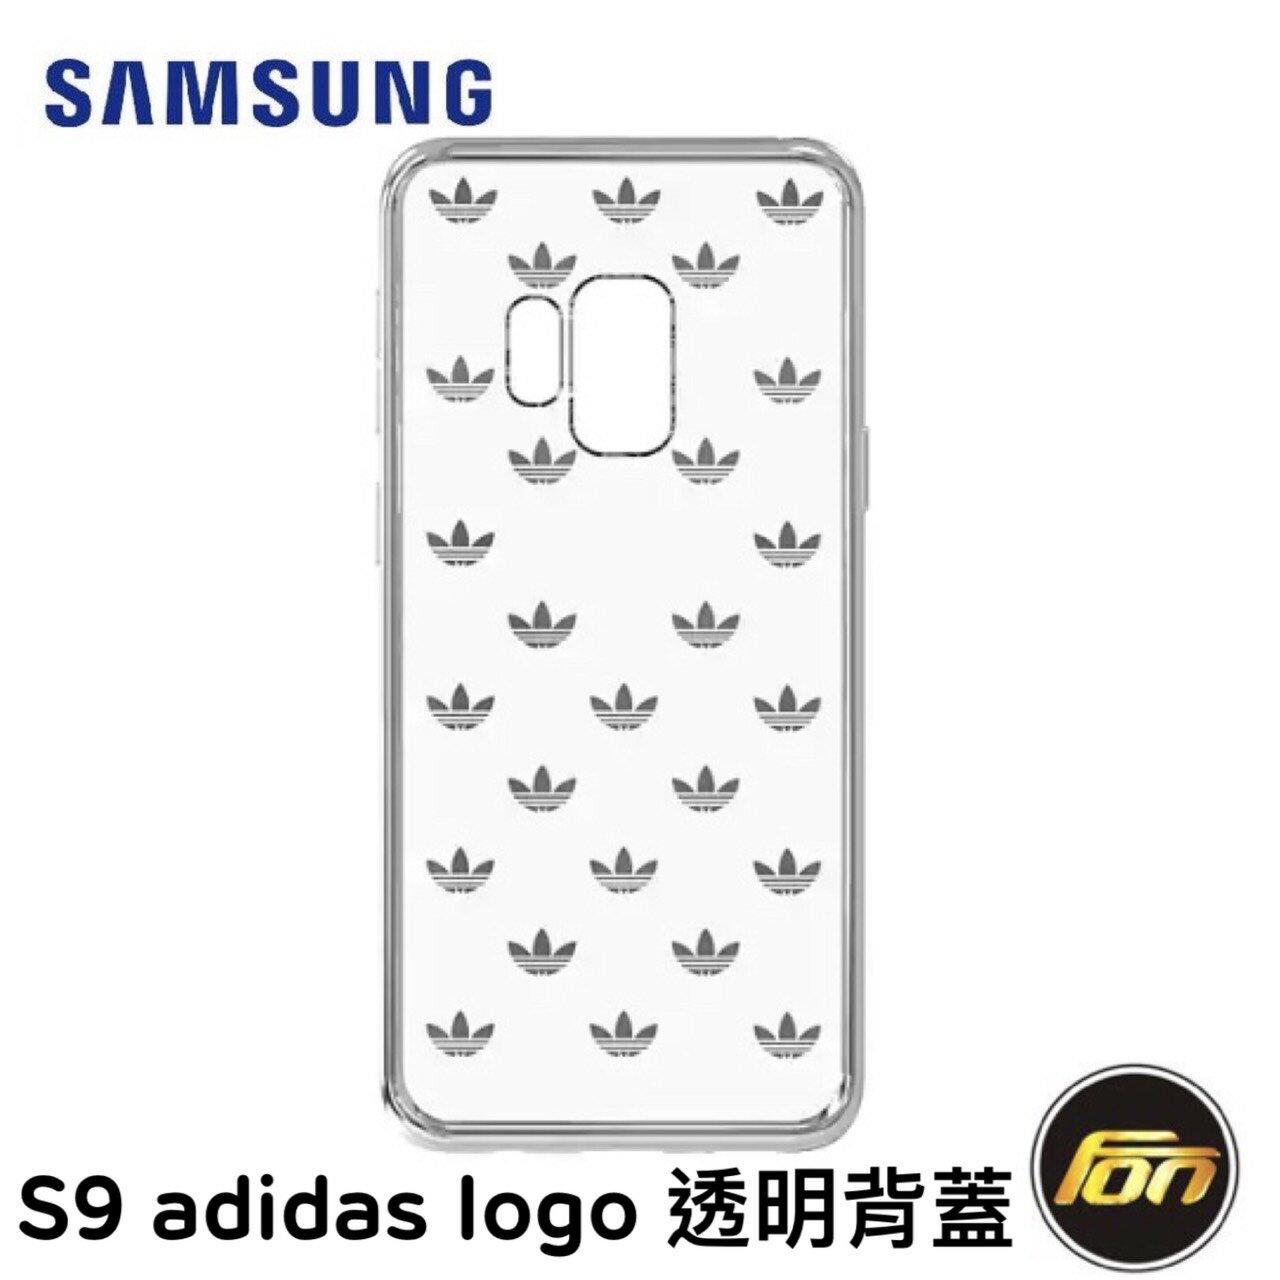 SAMSUNG Galaxy S9 adidas logo 透明背蓋